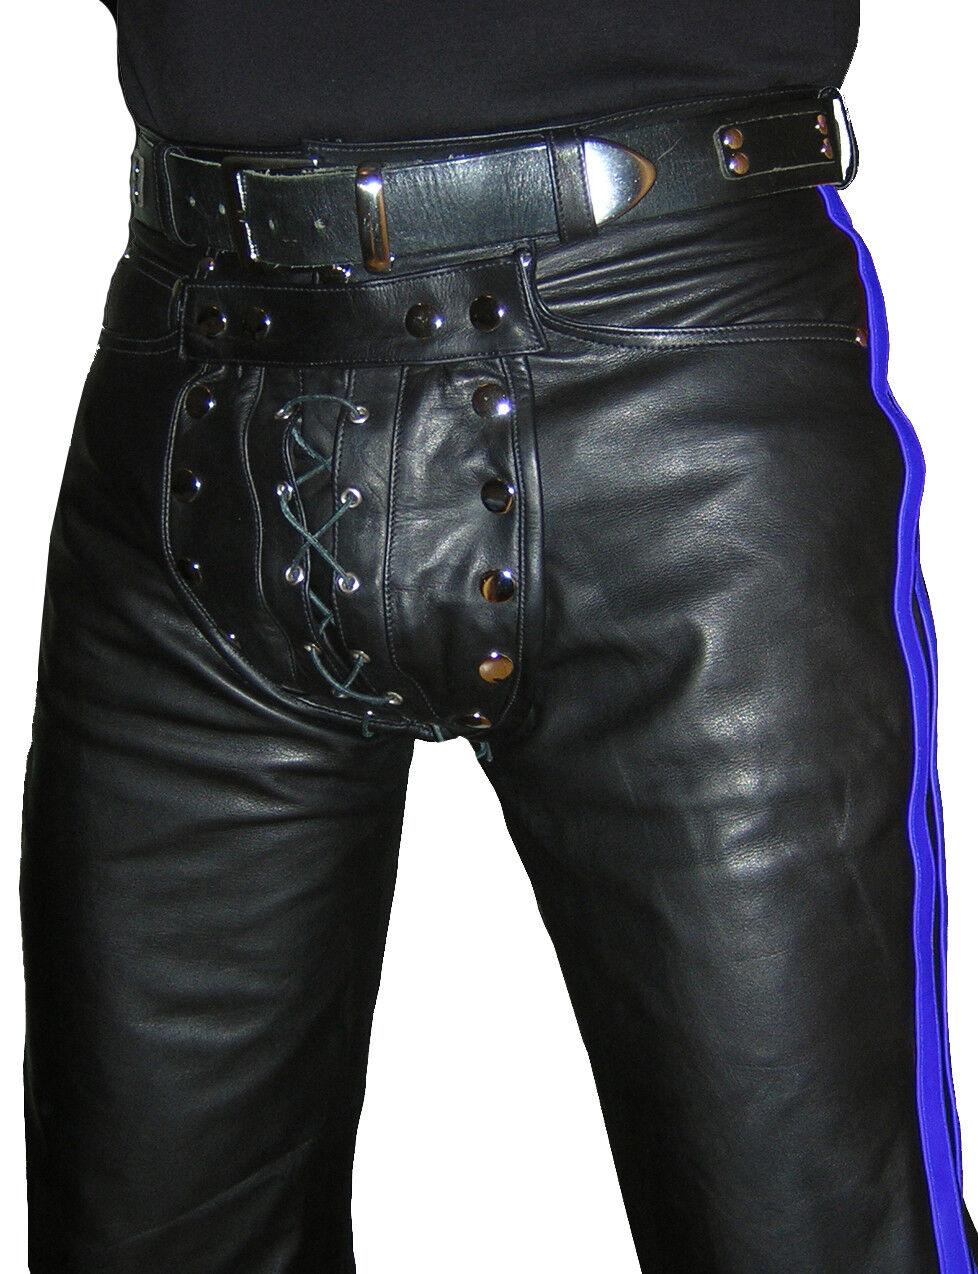 Lederhose black blue Hose gay Lederjeans NEU Cod piece leather pants trousers